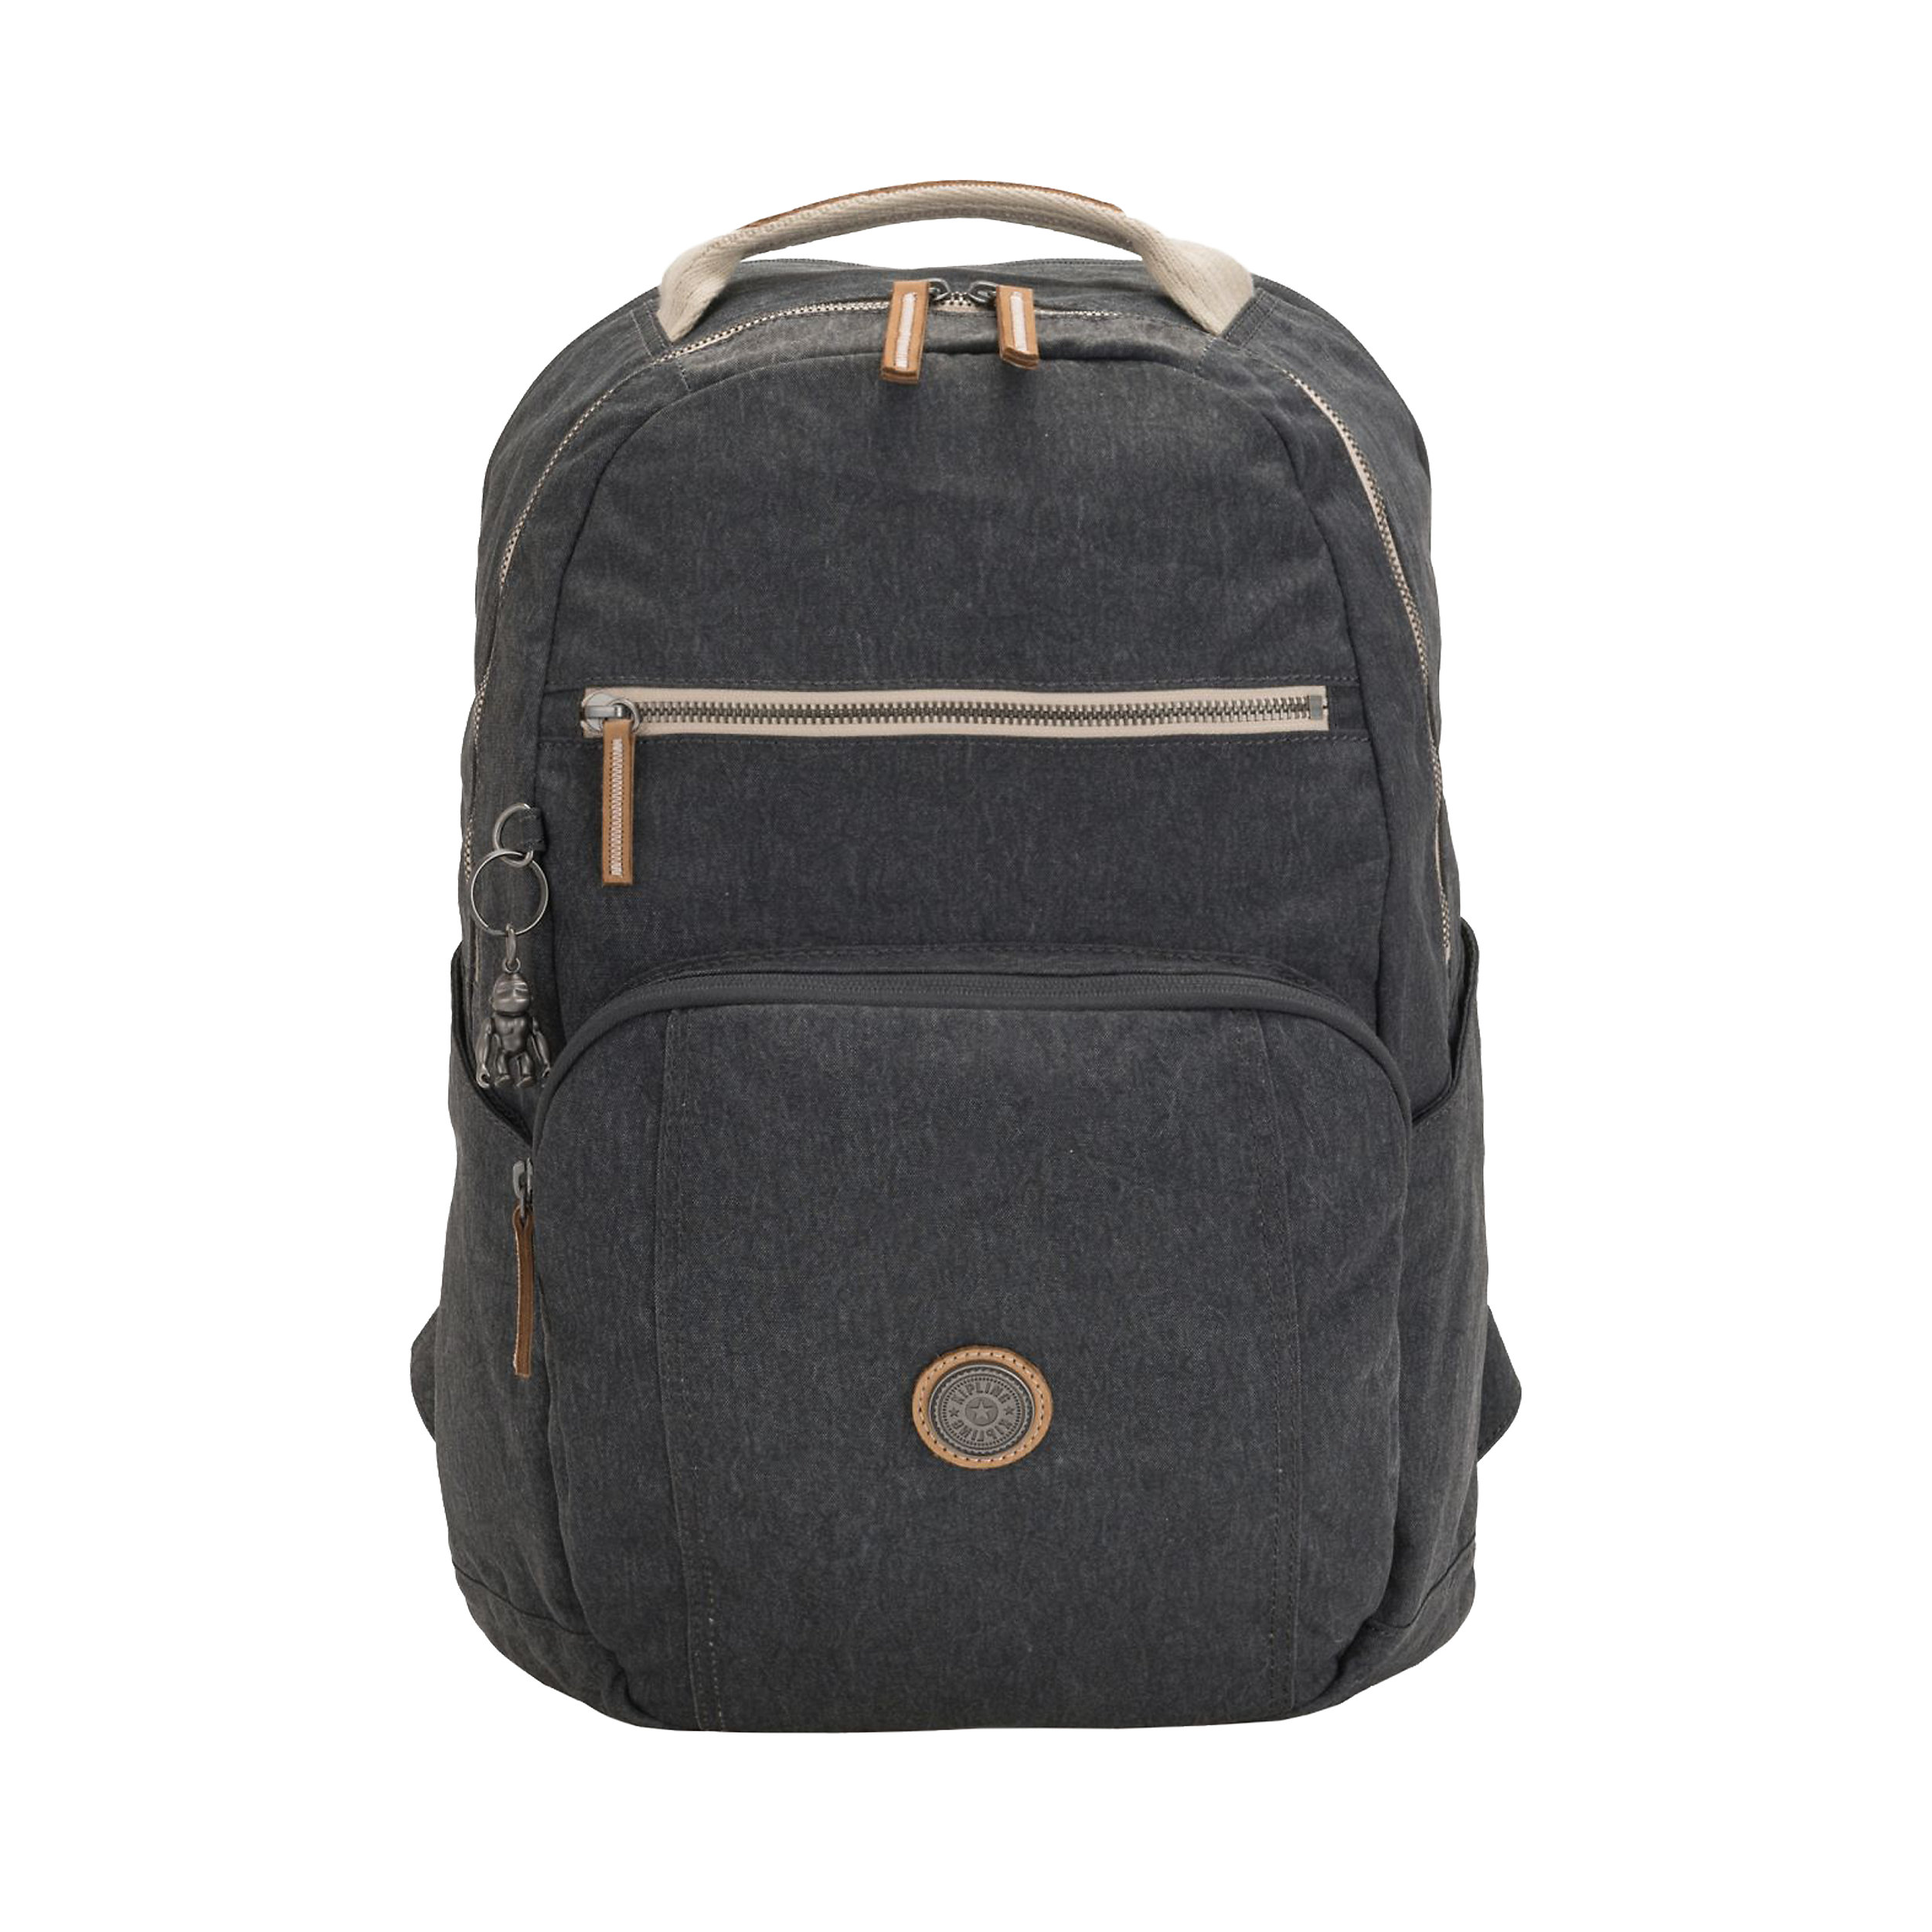 Backpack Troy L Edgeland + 23 Liter